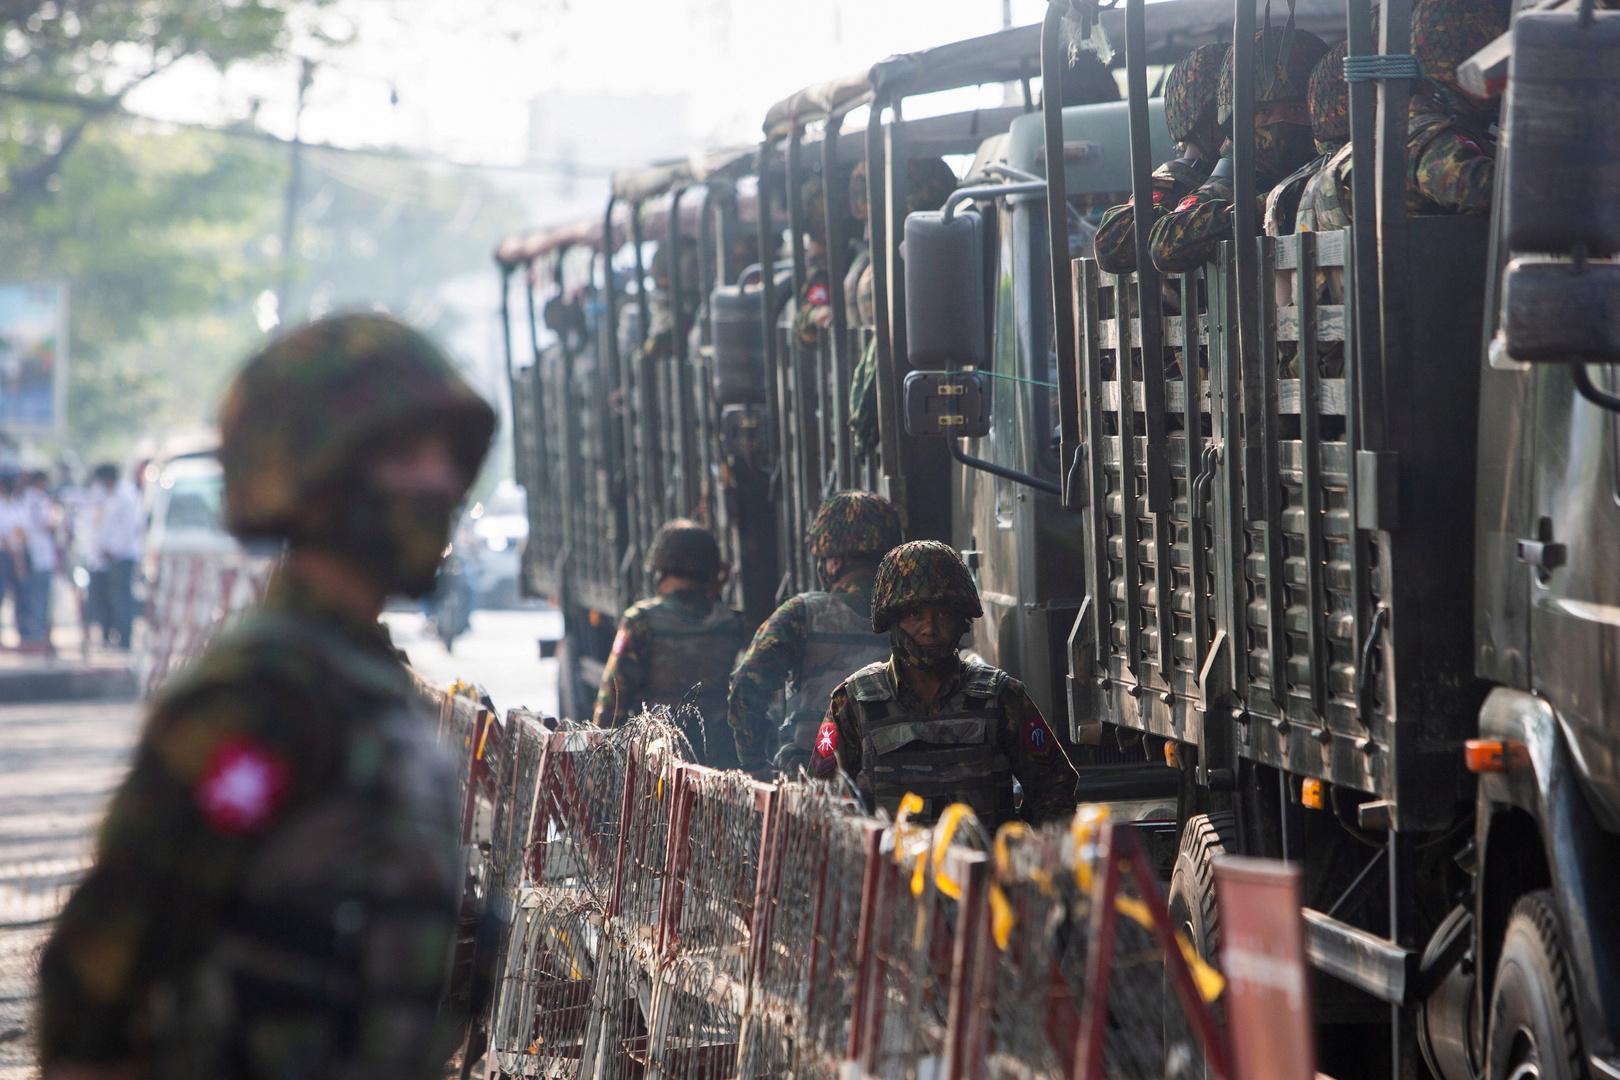 إعلام وشهود عيان: قوات ميانمار تقتل 25 شخصا في مداهمة لبلدة